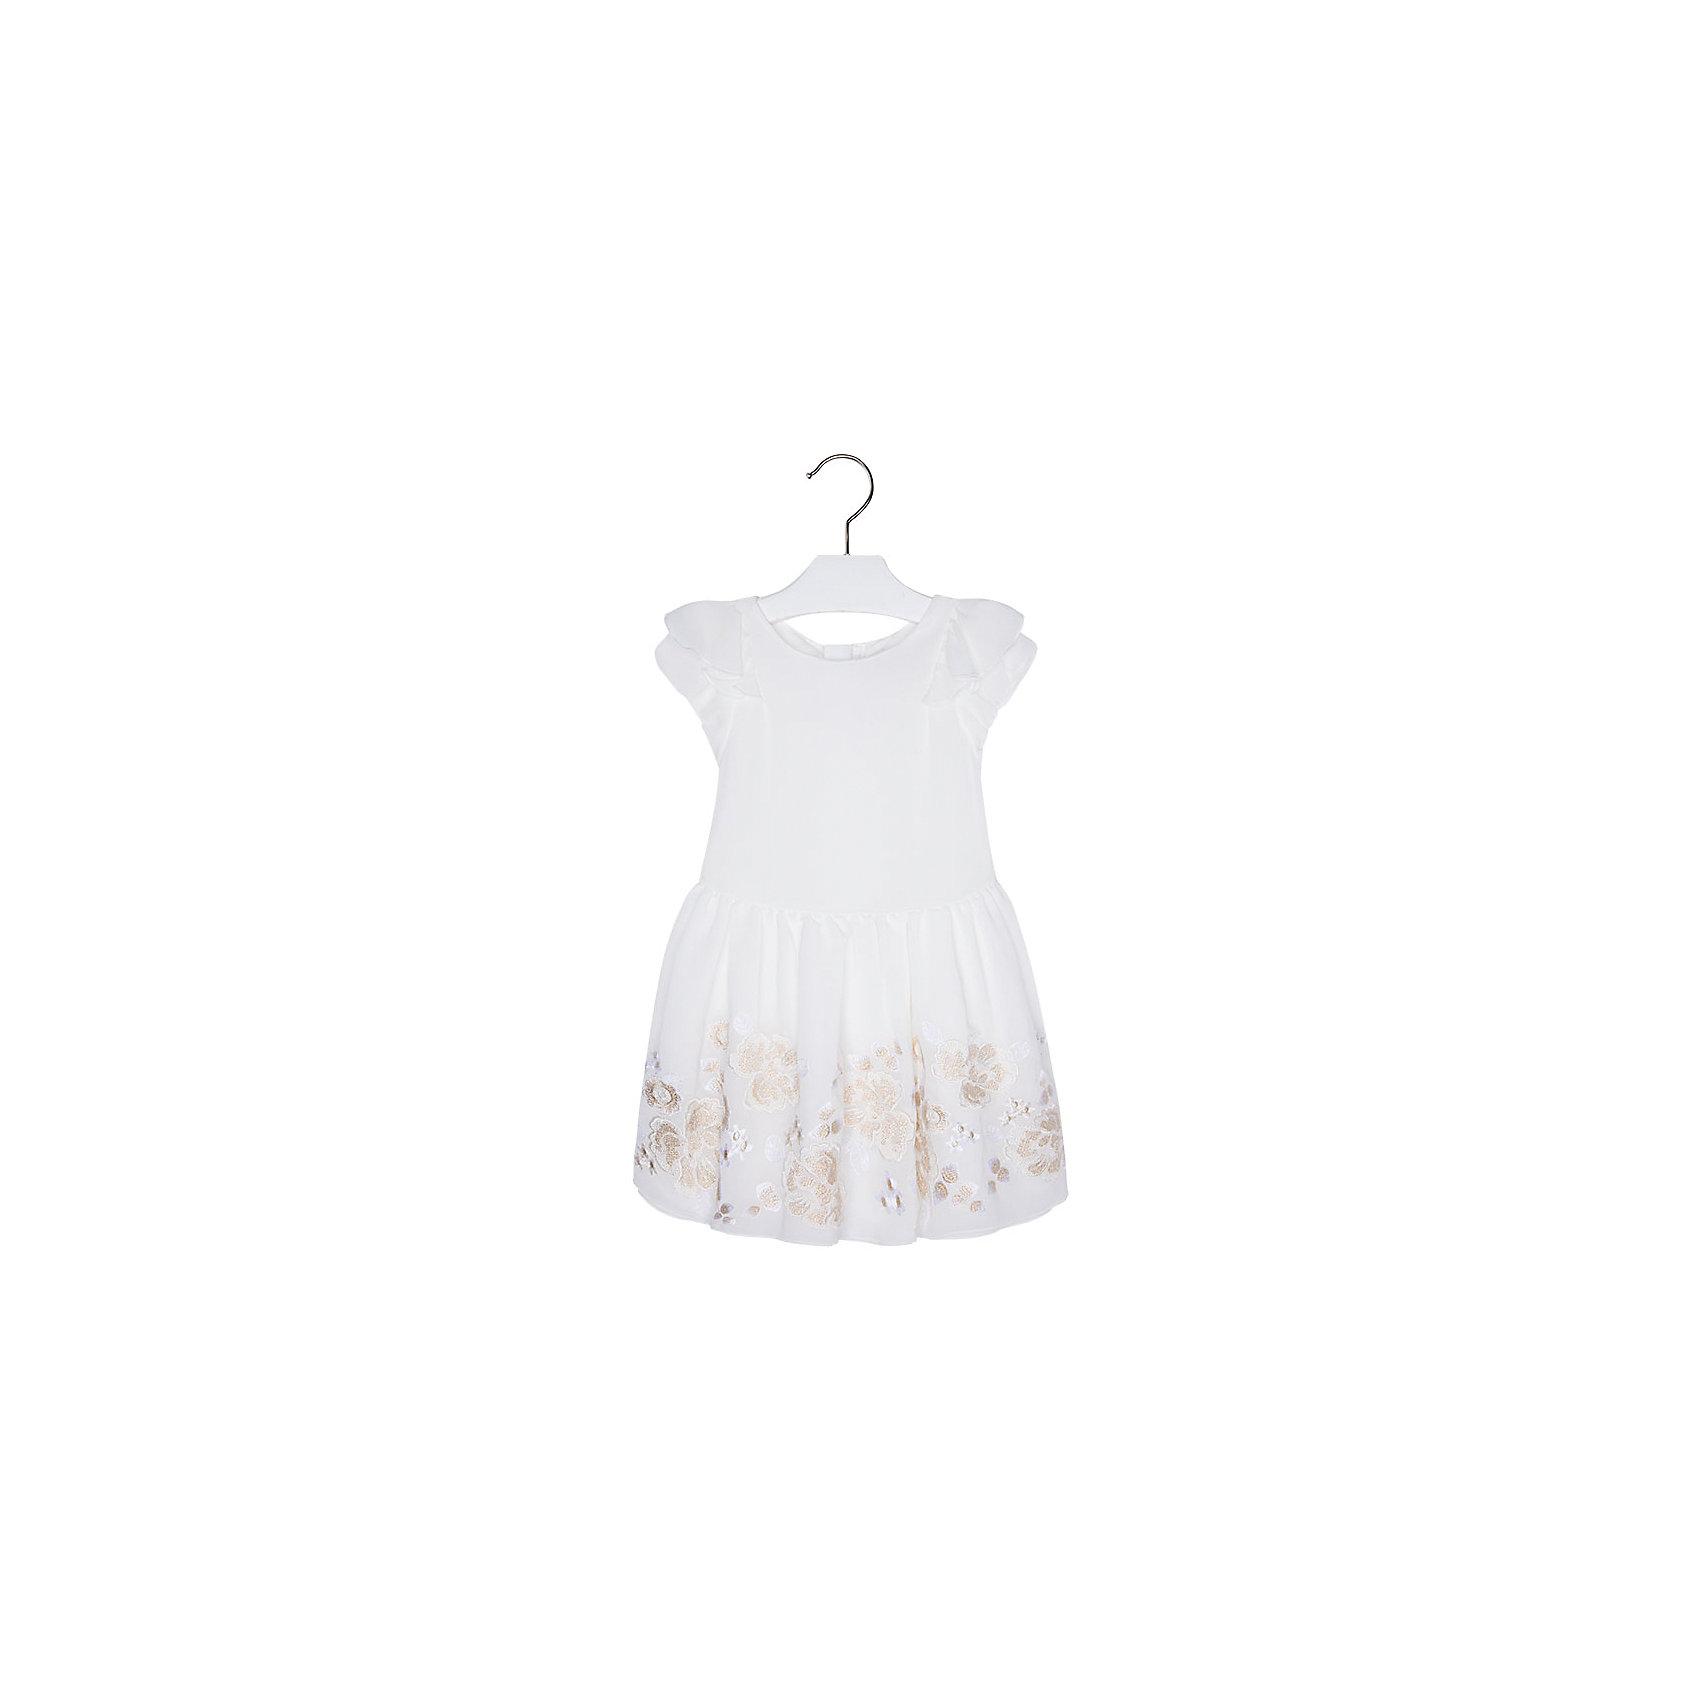 Платье для девочки MayoralПлатье для девочки от известной испанской марки Mayoral - прекрасный вариант как для торжественного мероприятия, так и для повседневной носки.<br><br>Дополнительная информация:<br><br>- Пышная юбка.<br>- Короткий рукав.<br>- Аппликация в виде нежных цветов. <br>- Пояс на талии завязывается на спине. <br>- Застегивается на молнию на спине.<br>- Состав:  верх - 100% полиэстер, подкладка - 65% полиэстер, 35% хлопок.<br><br>Платье для девочки Mayoral (Майорал) можно купить в нашем магазине.<br><br>Ширина мм: 236<br>Глубина мм: 16<br>Высота мм: 184<br>Вес г: 177<br>Цвет: бежевый<br>Возраст от месяцев: 36<br>Возраст до месяцев: 48<br>Пол: Женский<br>Возраст: Детский<br>Размер: 104,134,110,122,128,116,98<br>SKU: 4543033